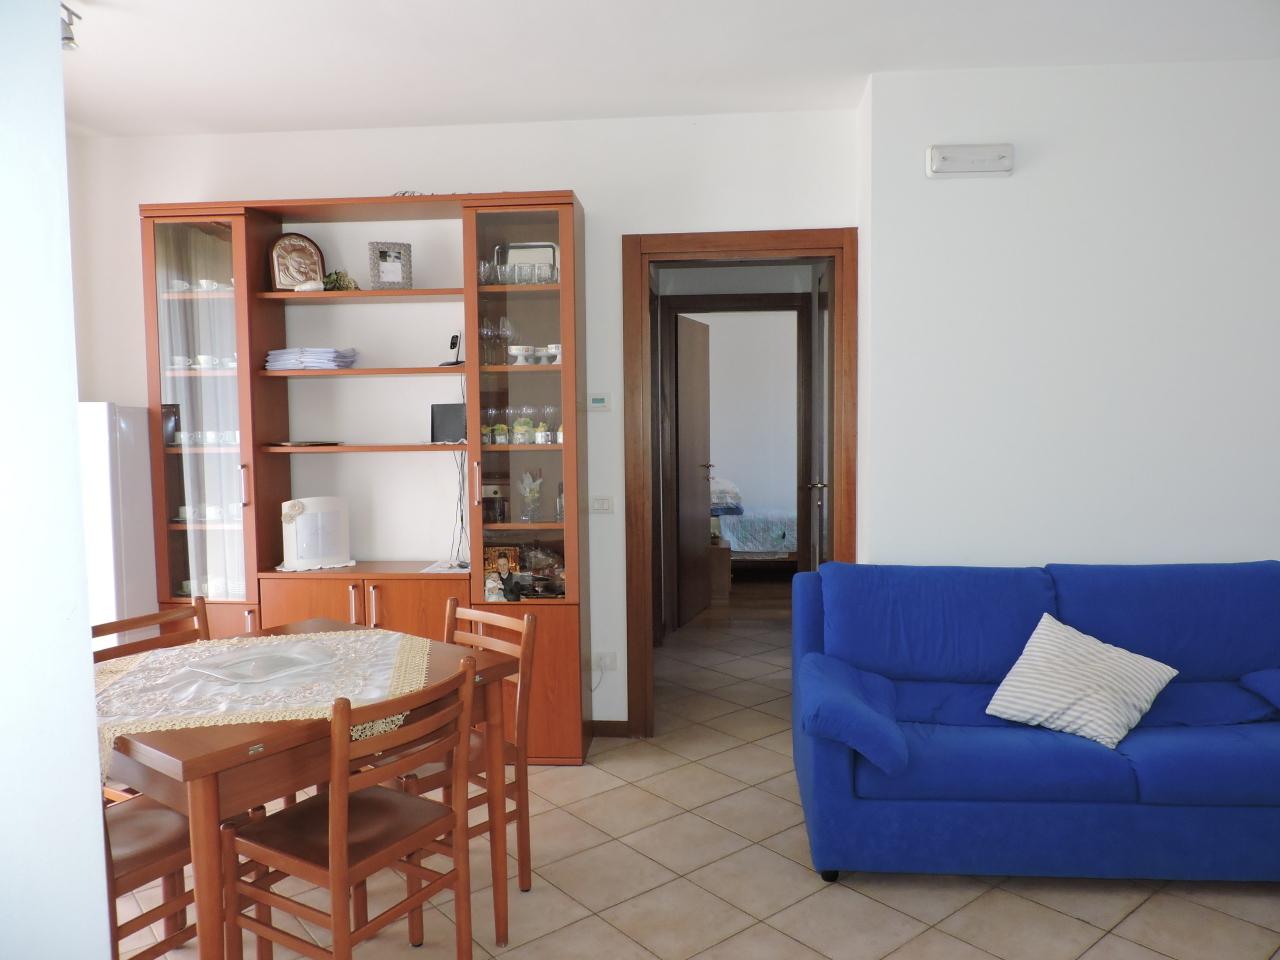 Appartamento in vendita a Vedelago, 3 locali, prezzo € 99.000 | Cambio Casa.it